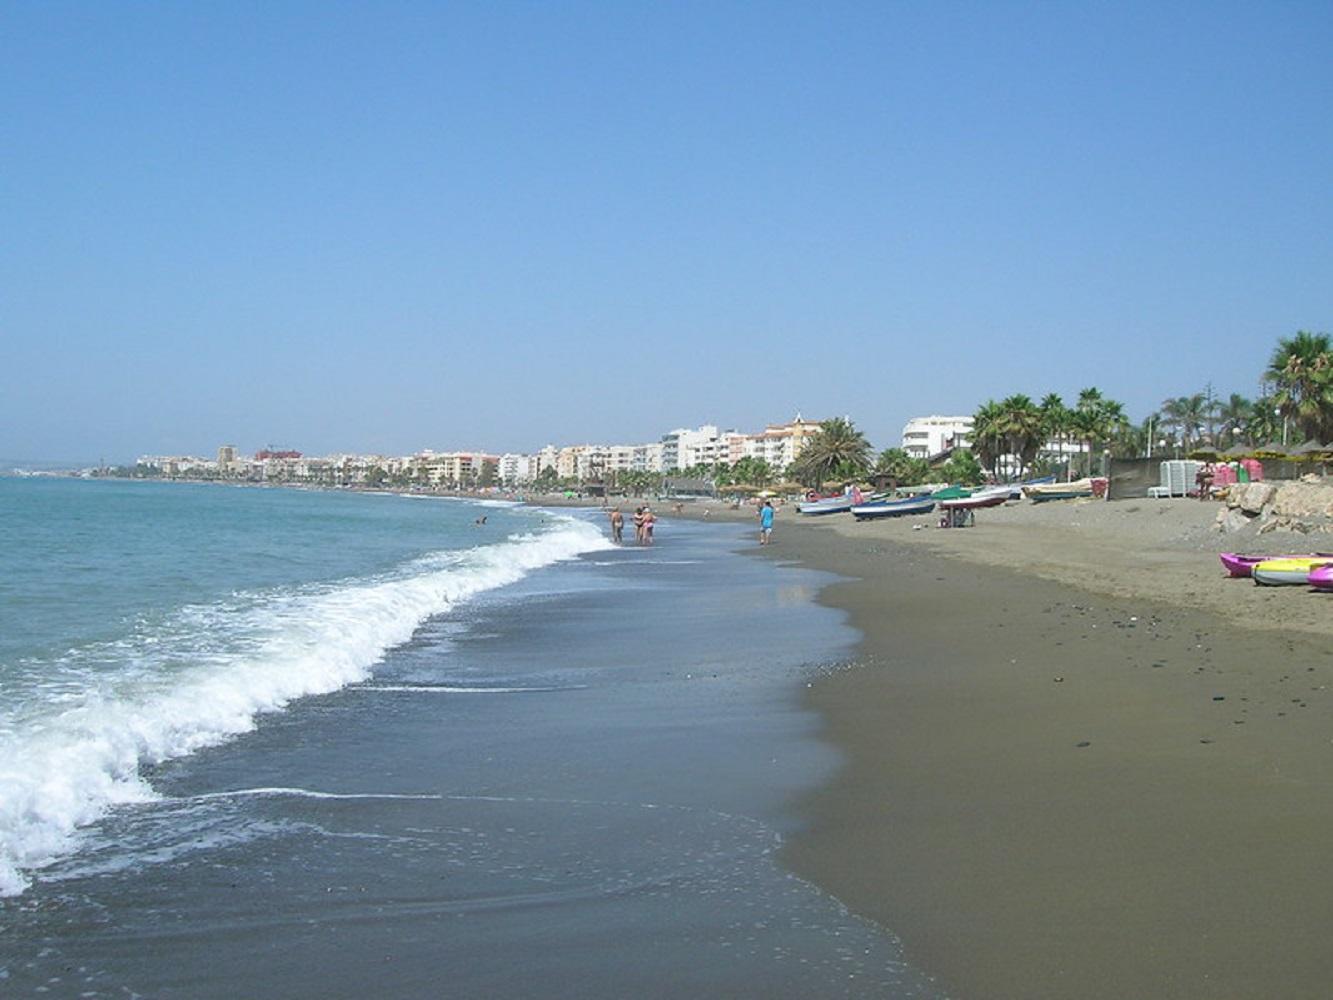 Foto panorámica de la playa de Estepona, lugar ideal para disfrutar con tu perro de unas vacaciones